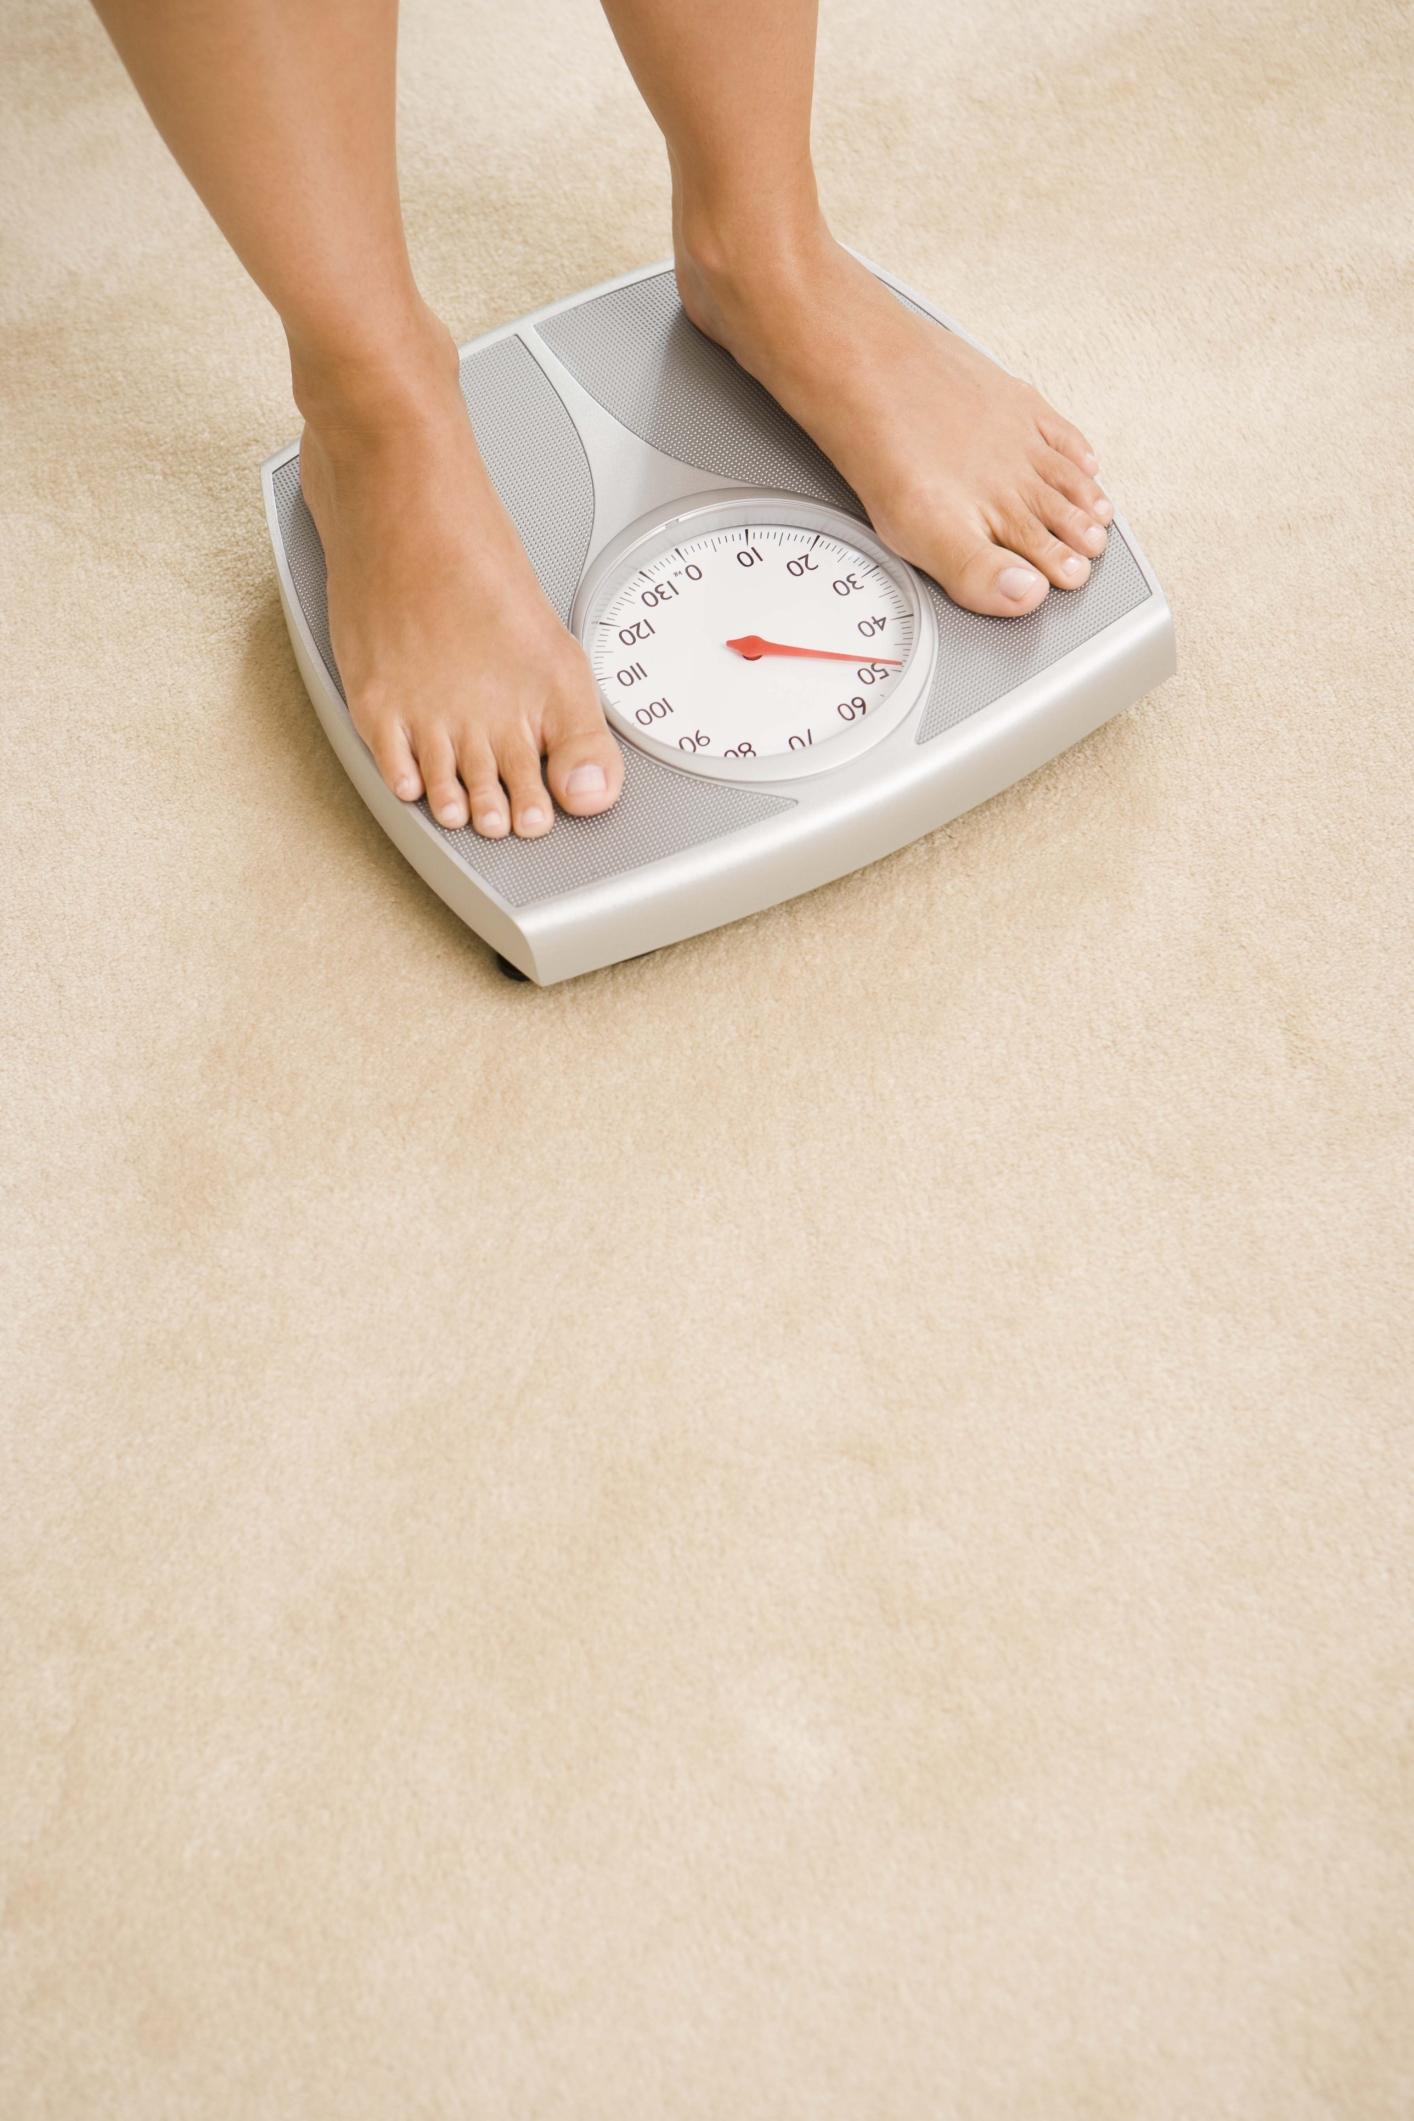 Wellbutrin sr weight loss